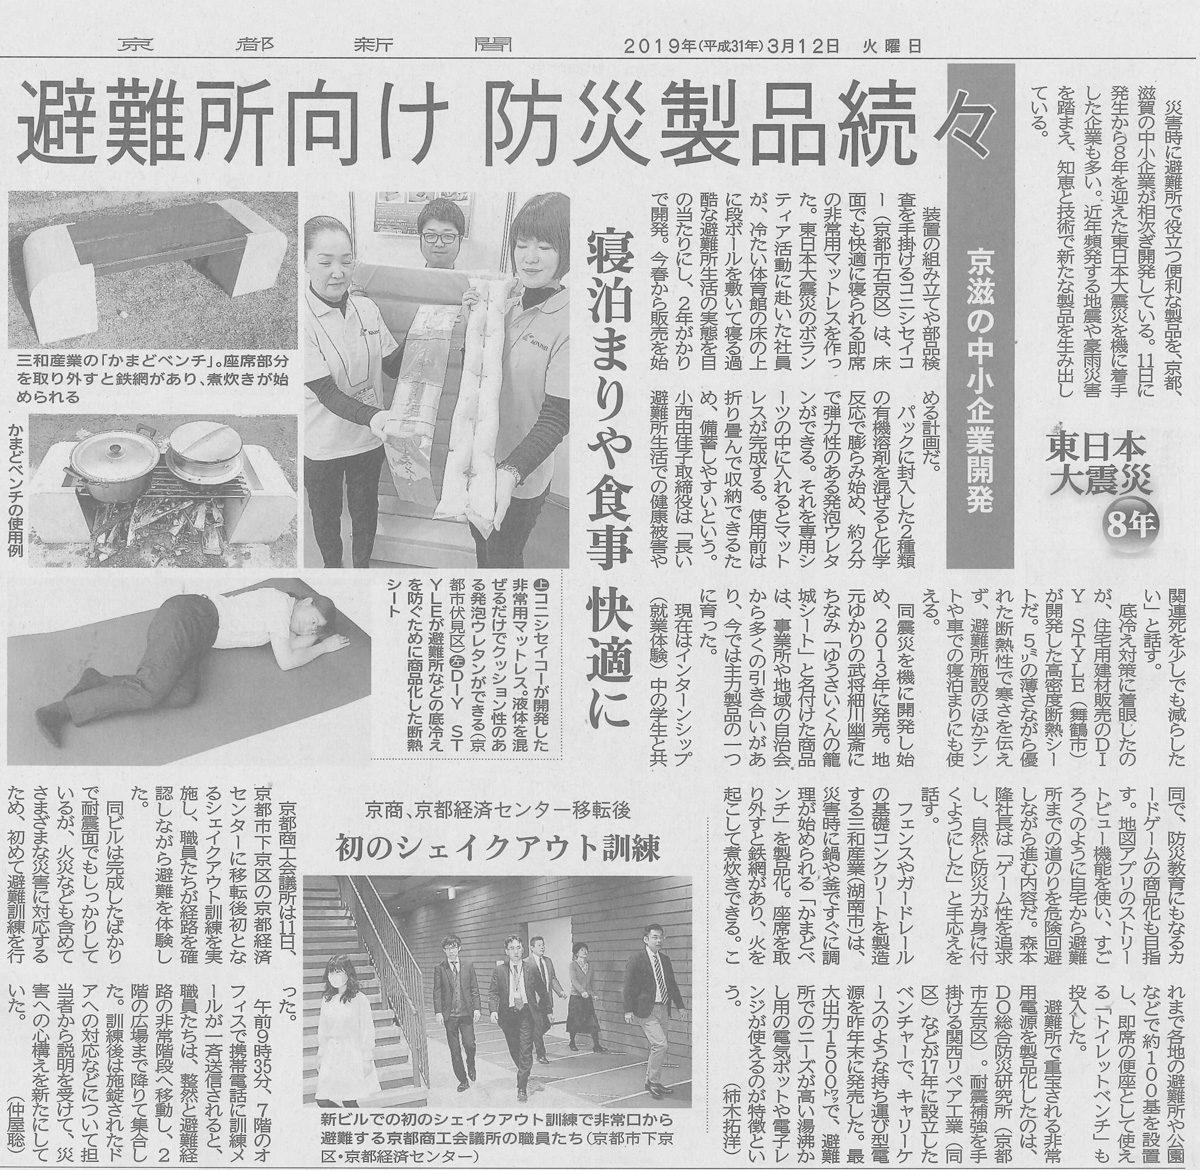 京都新聞に「防災ゲーム」と「ゆうさいくんの籠城シート」が掲載